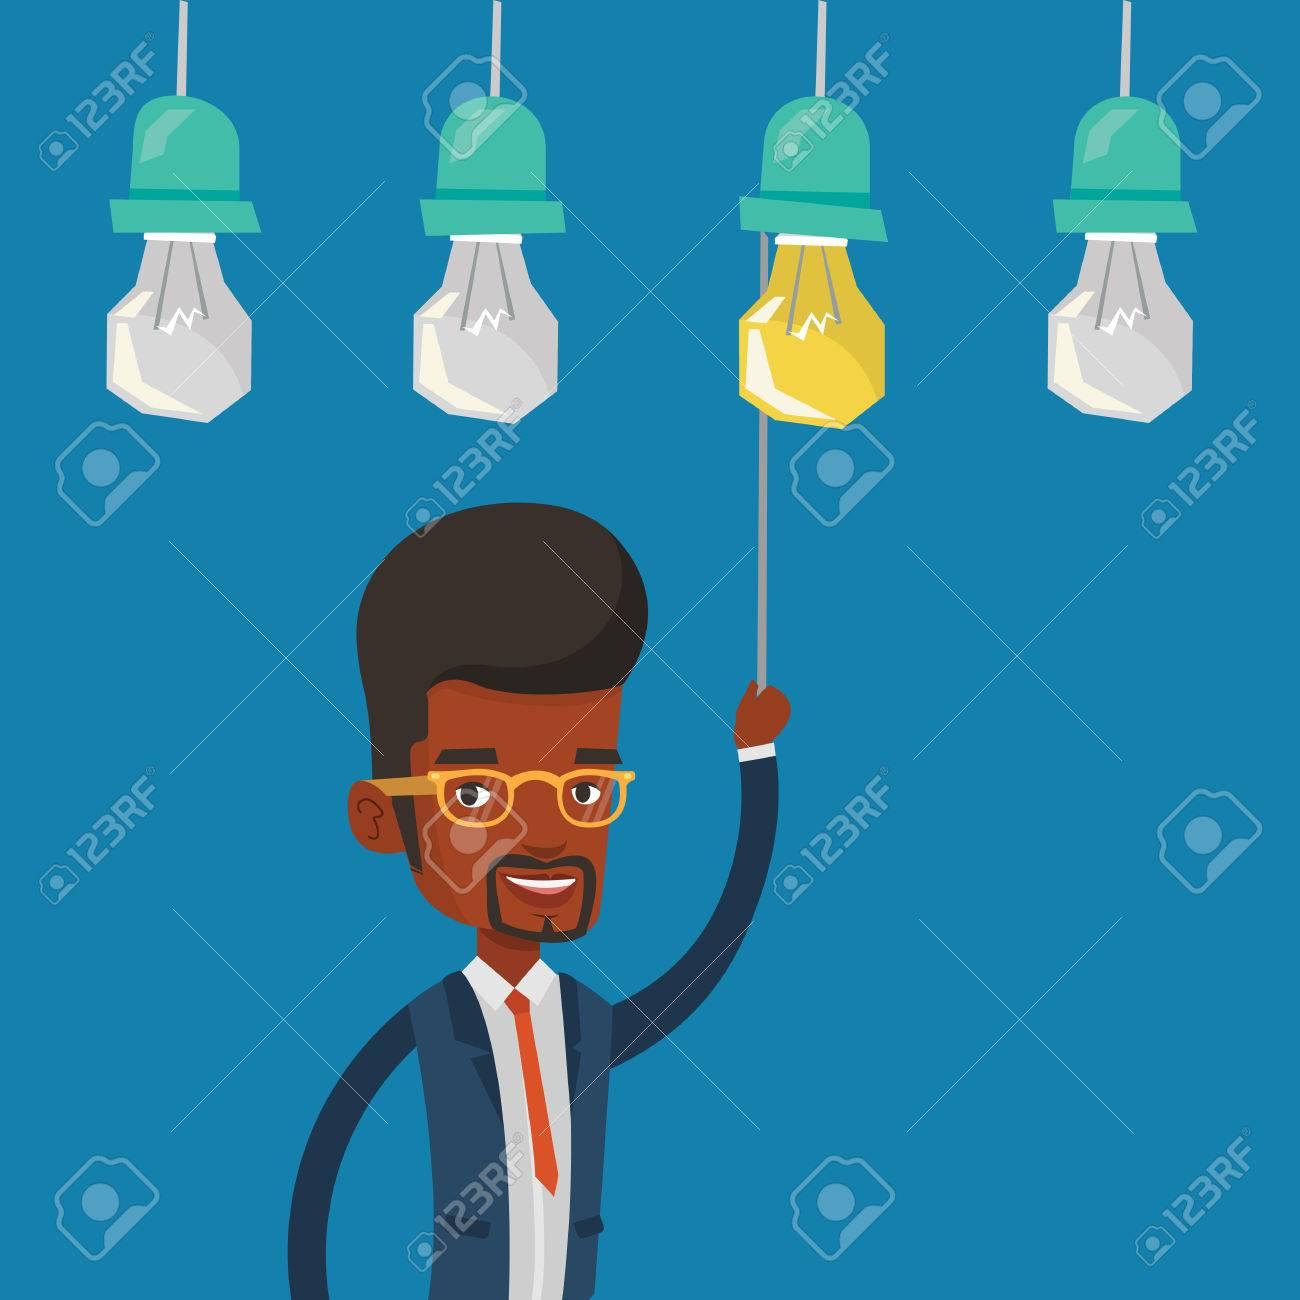 Ein Afroamerikanischer Geschäftsmann Einschalten Idee Glühbirne ...